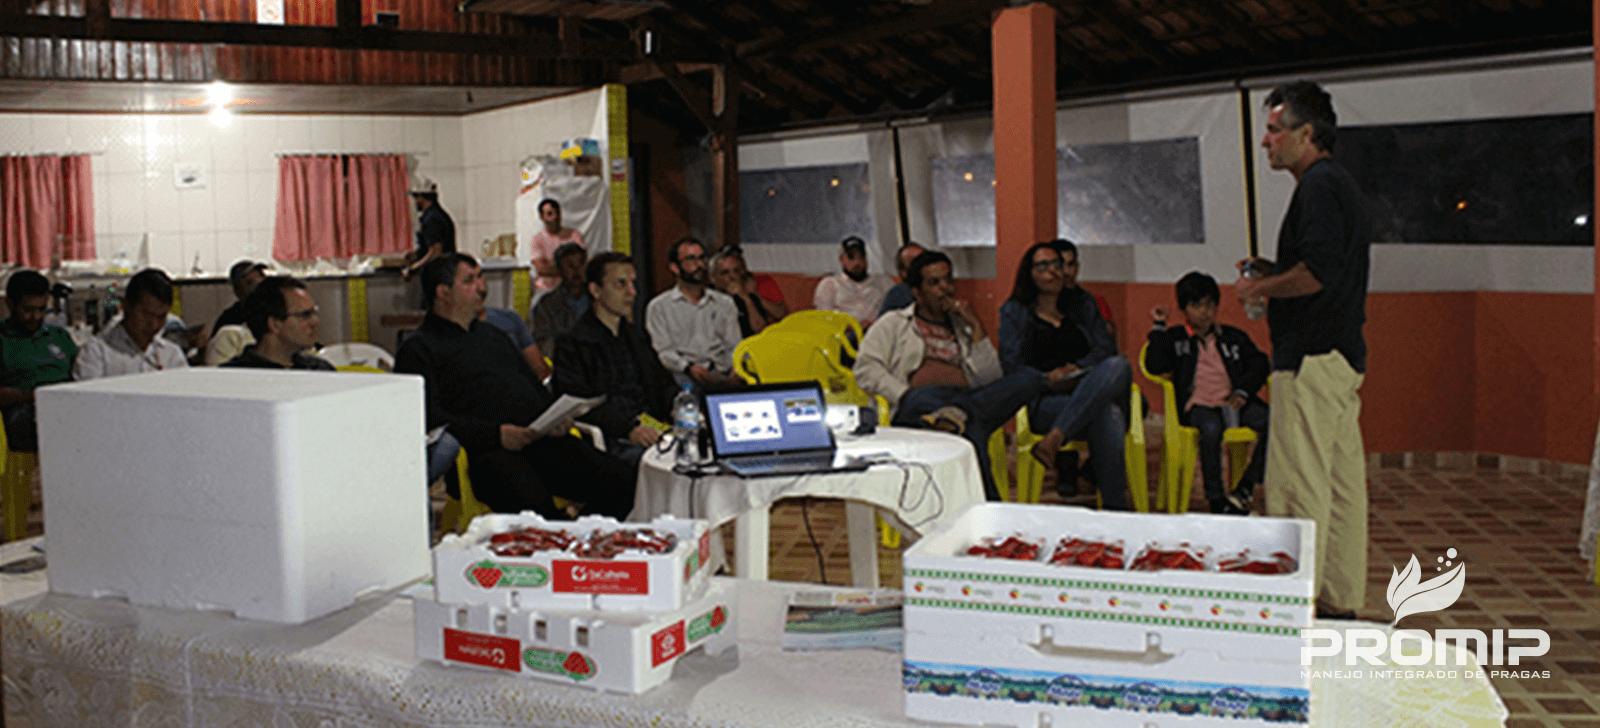 promip manejo integrado de pragas controle biologico inovacoes promip sao apresentadas para produtores de morango no sul de minas gerais final2